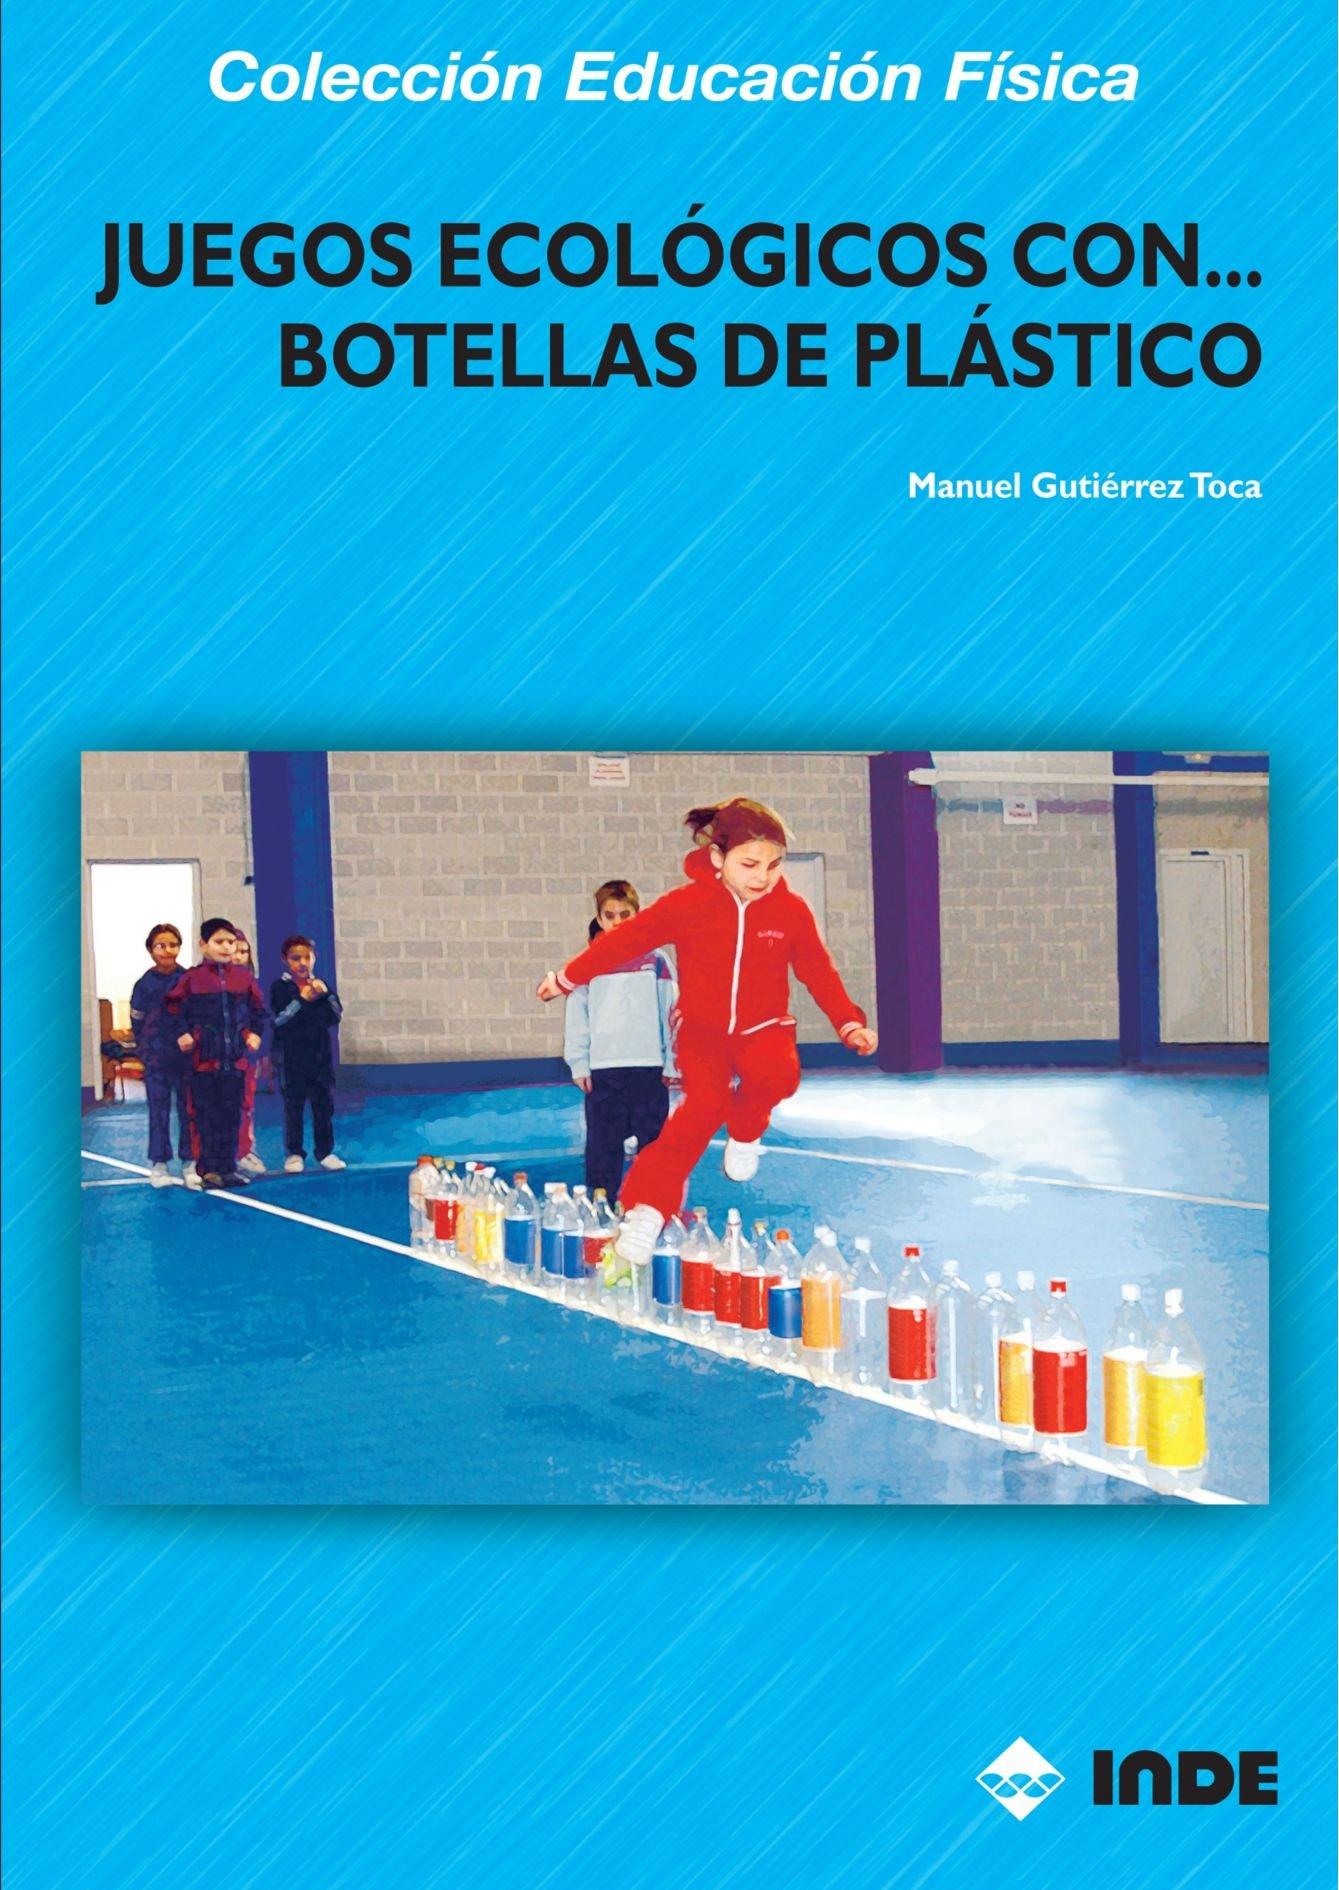 Botellas De Plástico (Spanish Edition) (Spanish) Paperback – October 15, 2010